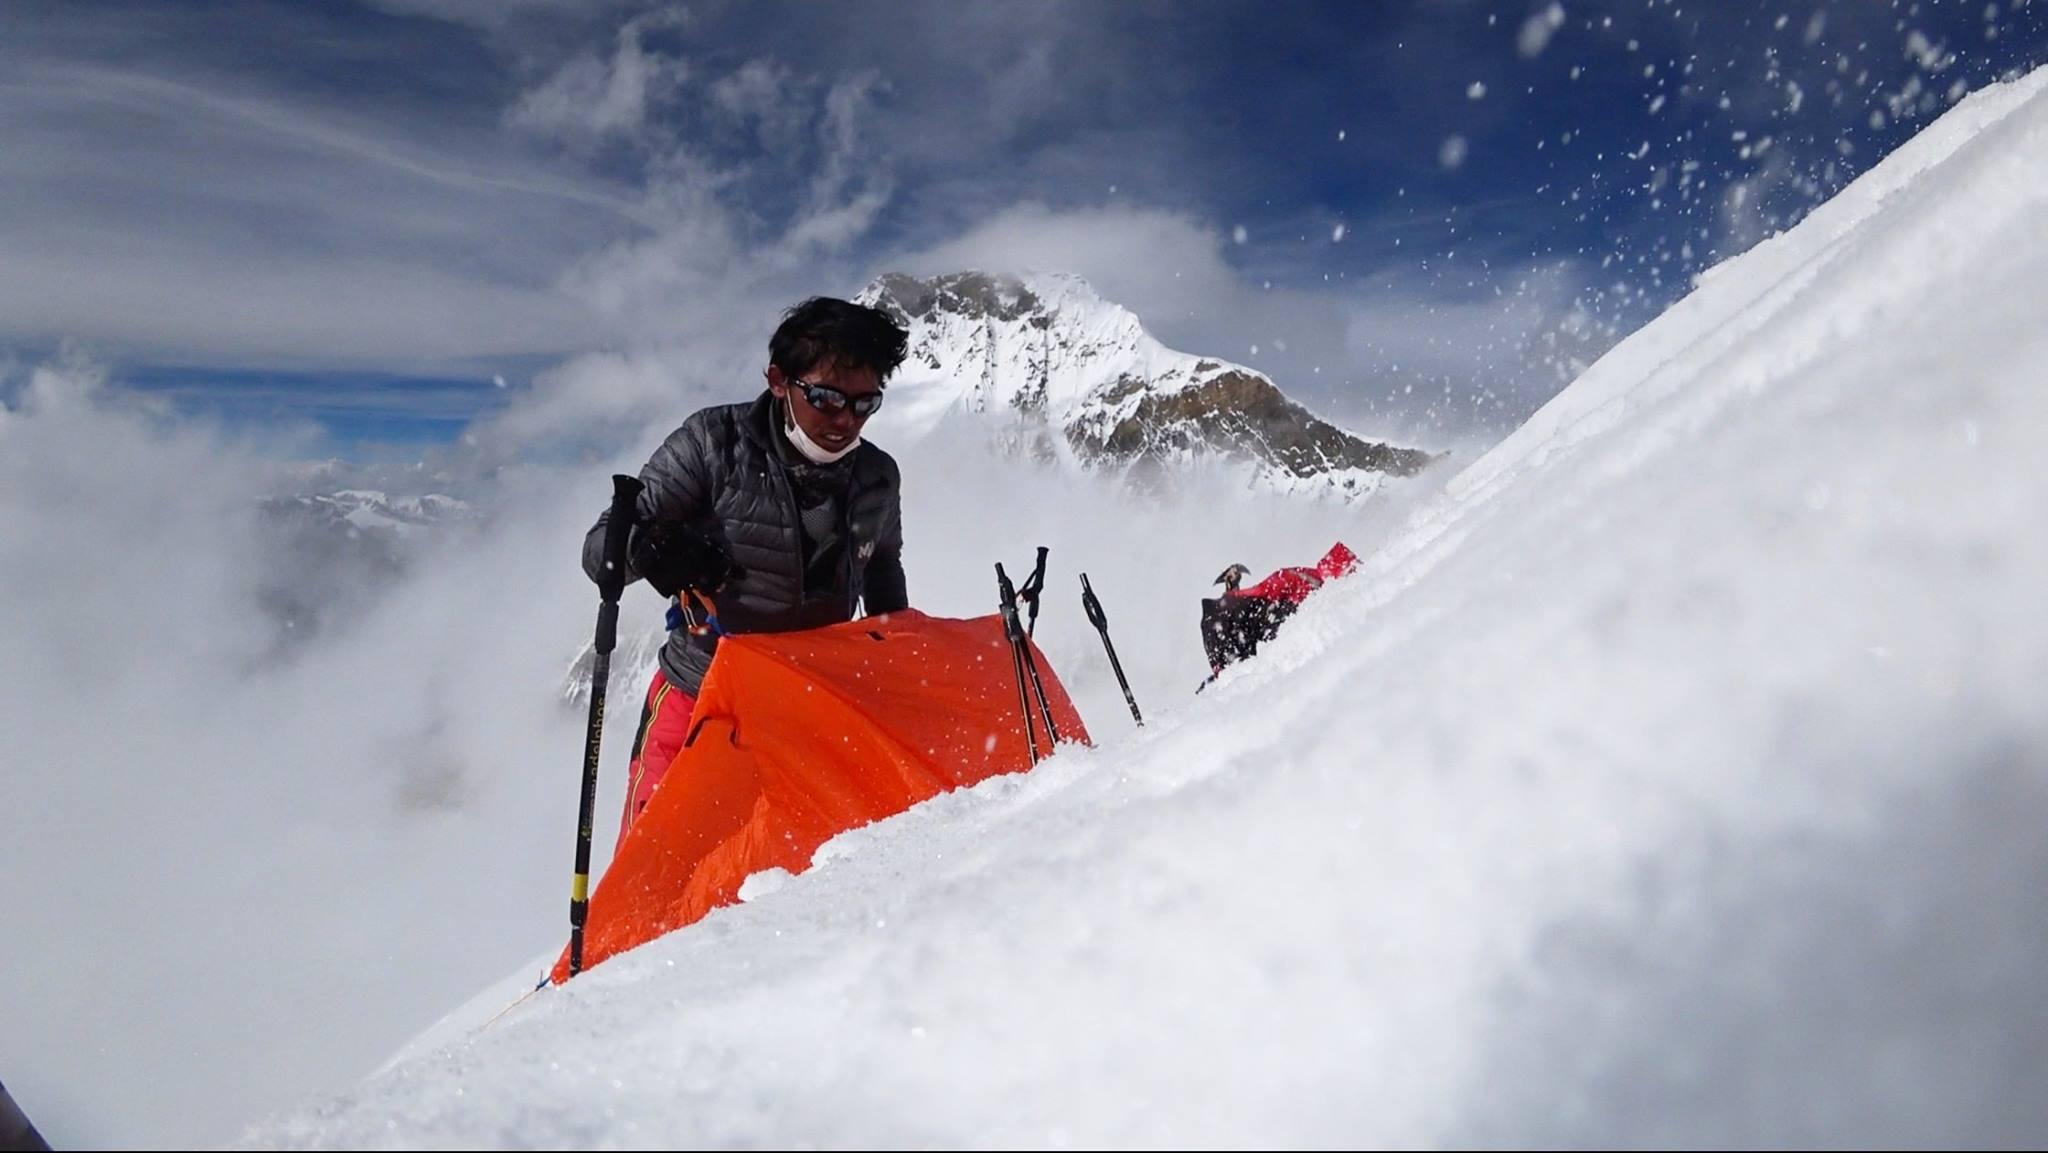 Nobukazu Kuriki, aki minden évben visszatér, hogy elérje álmát: szólóban elérni az Everest csúcsát. Eddig hétszer próbálkozott, idén Nepál felől. Forrás: Nobukazu Kuriki Facebook